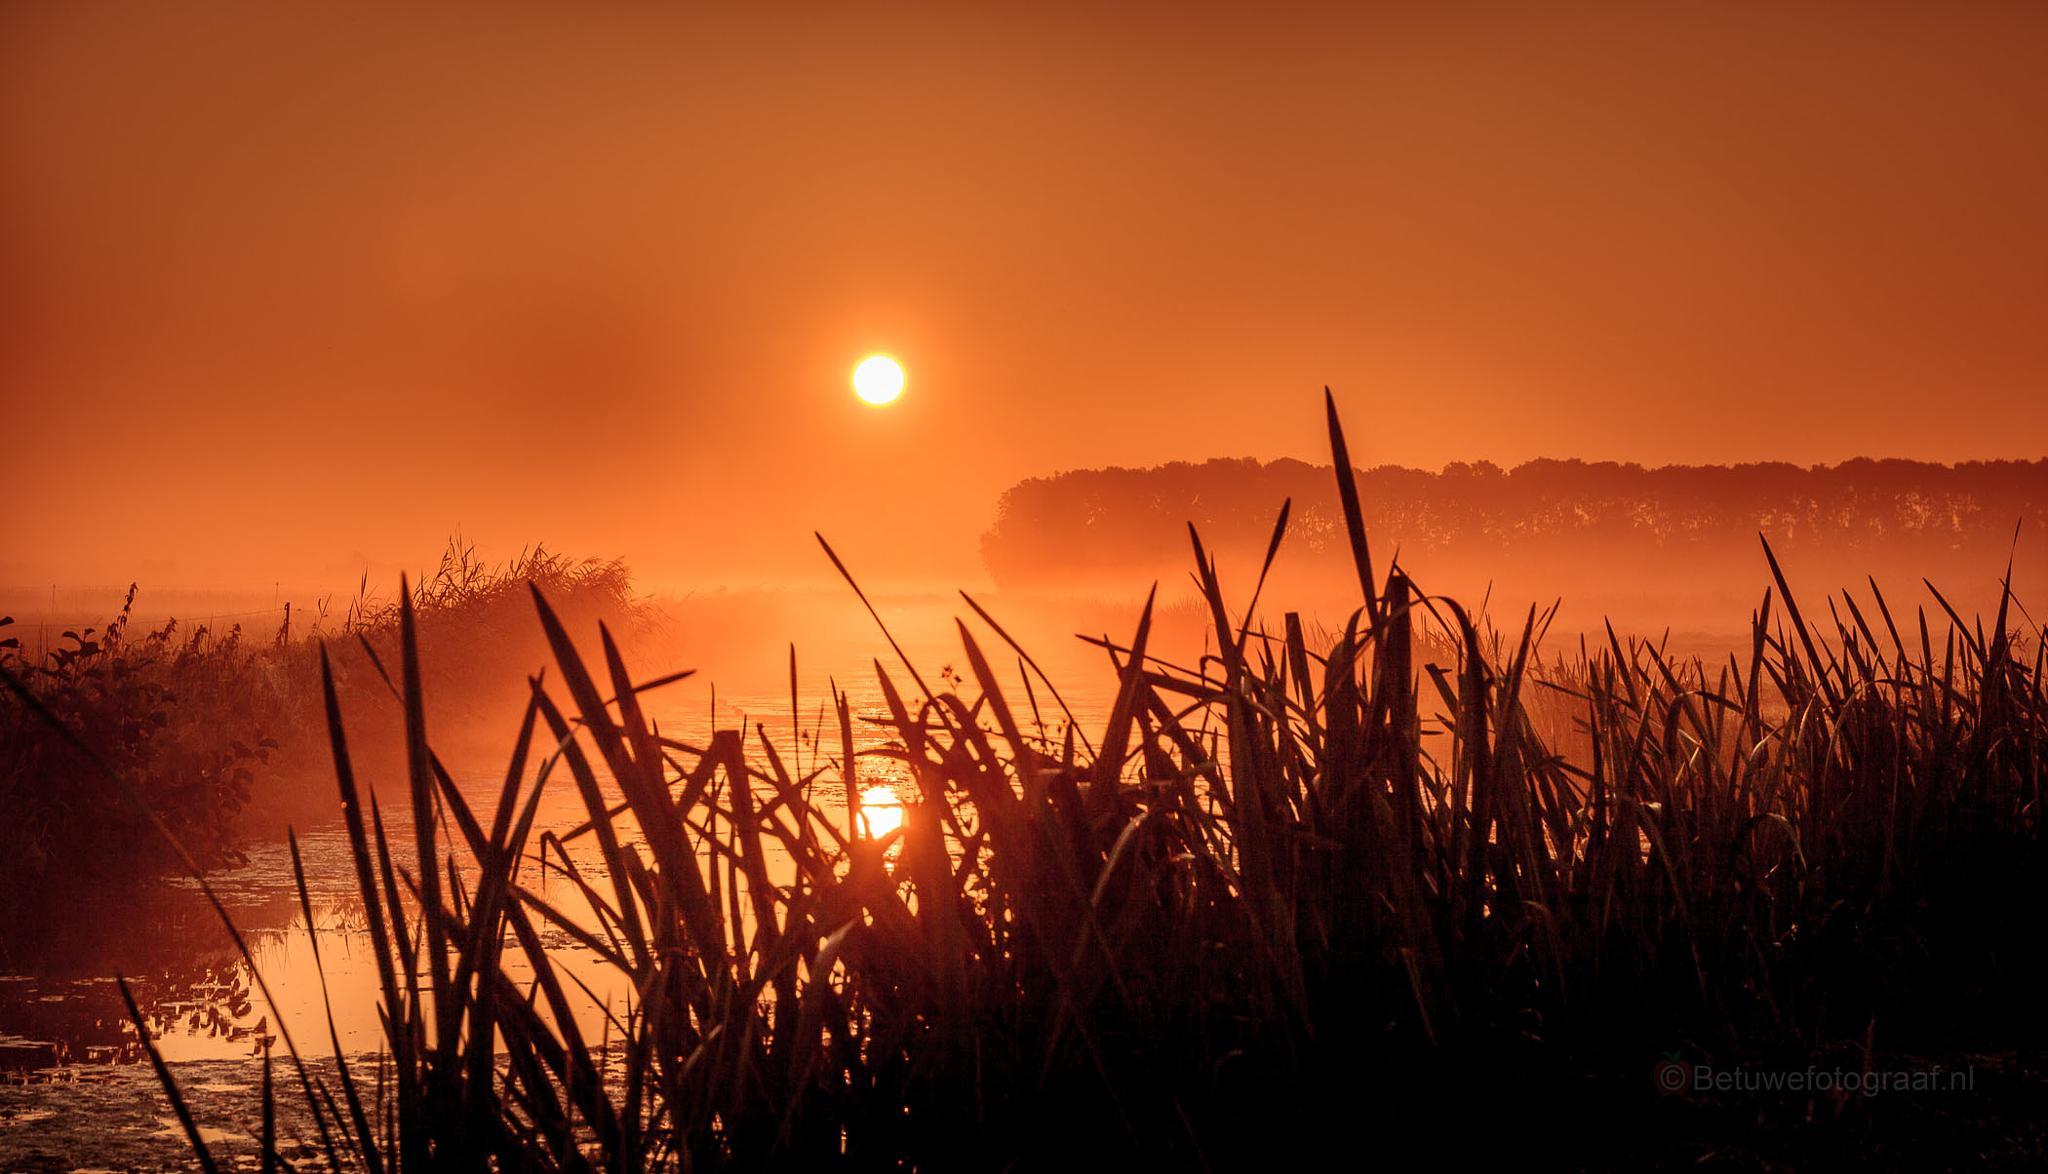 Misty Morning...........VV by Betuwefotograaf